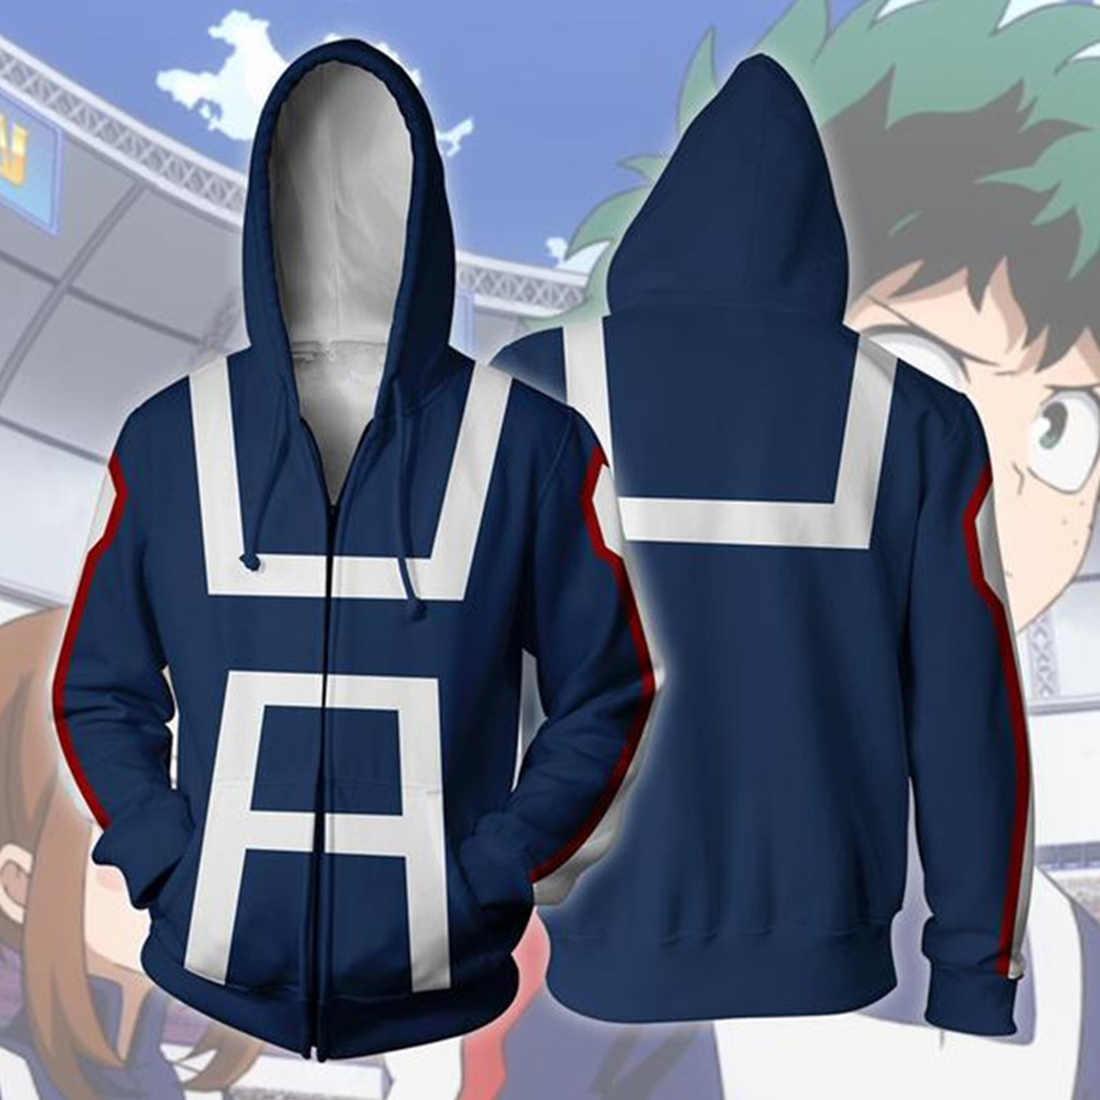 Sudadera con Capucha De Impresi/ón Digital 3D My Hero Academia para Hombre Sudadera De Anime Cosplay Hoodie Y Cremallera Boku No Hero